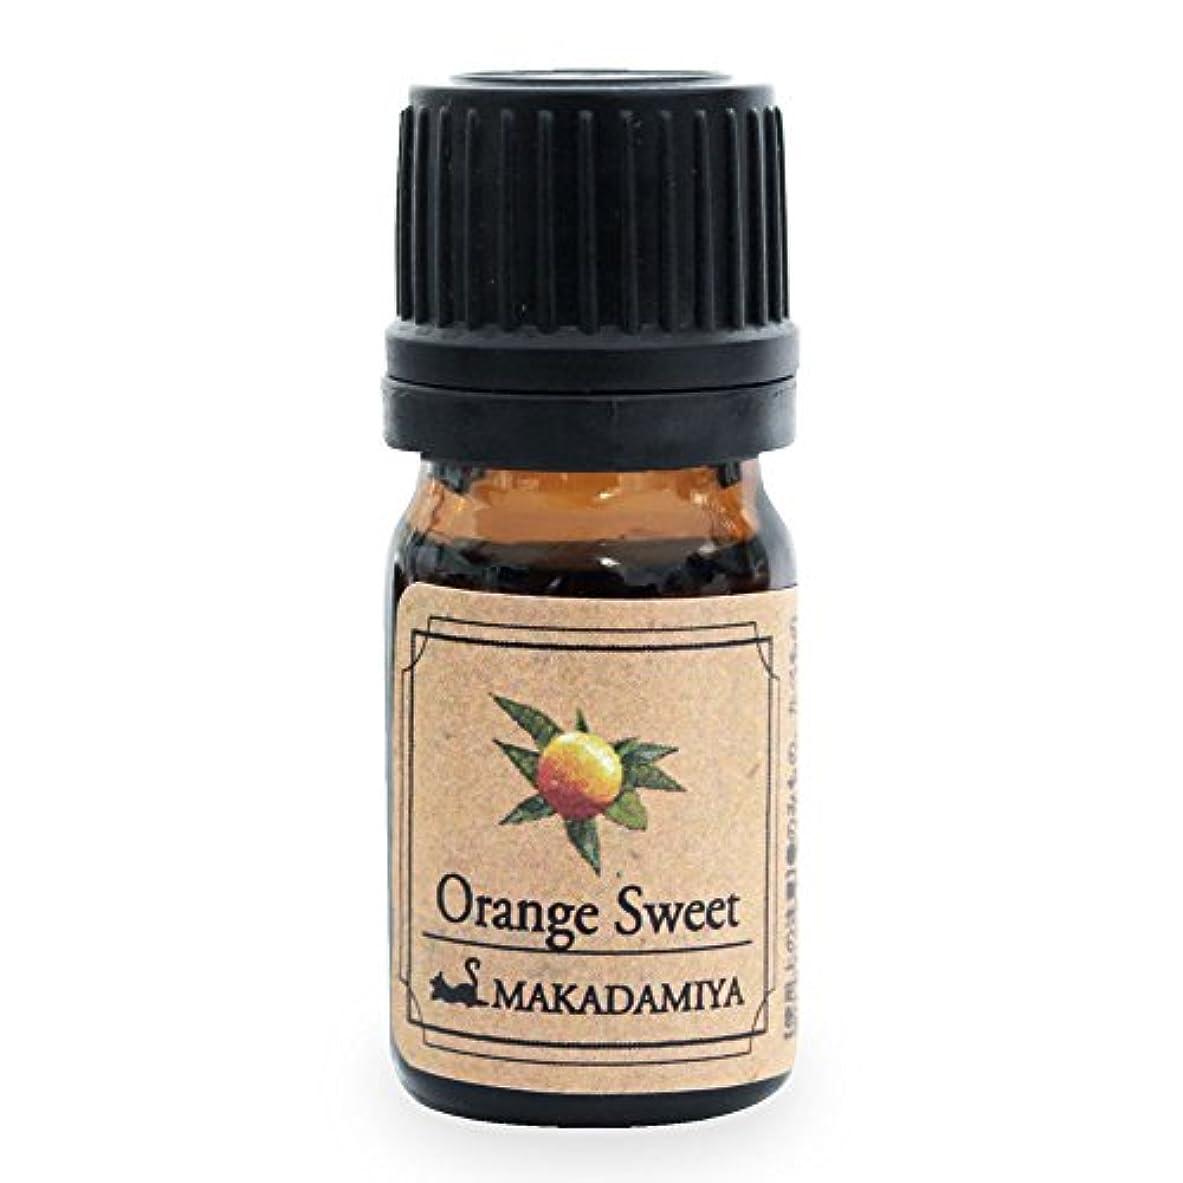 動物アサート信頼性オレンジ?スイート5ml 天然100%植物性 エッセンシャルオイル(精油) アロマオイル アロママッサージ aroma Orange Sweet